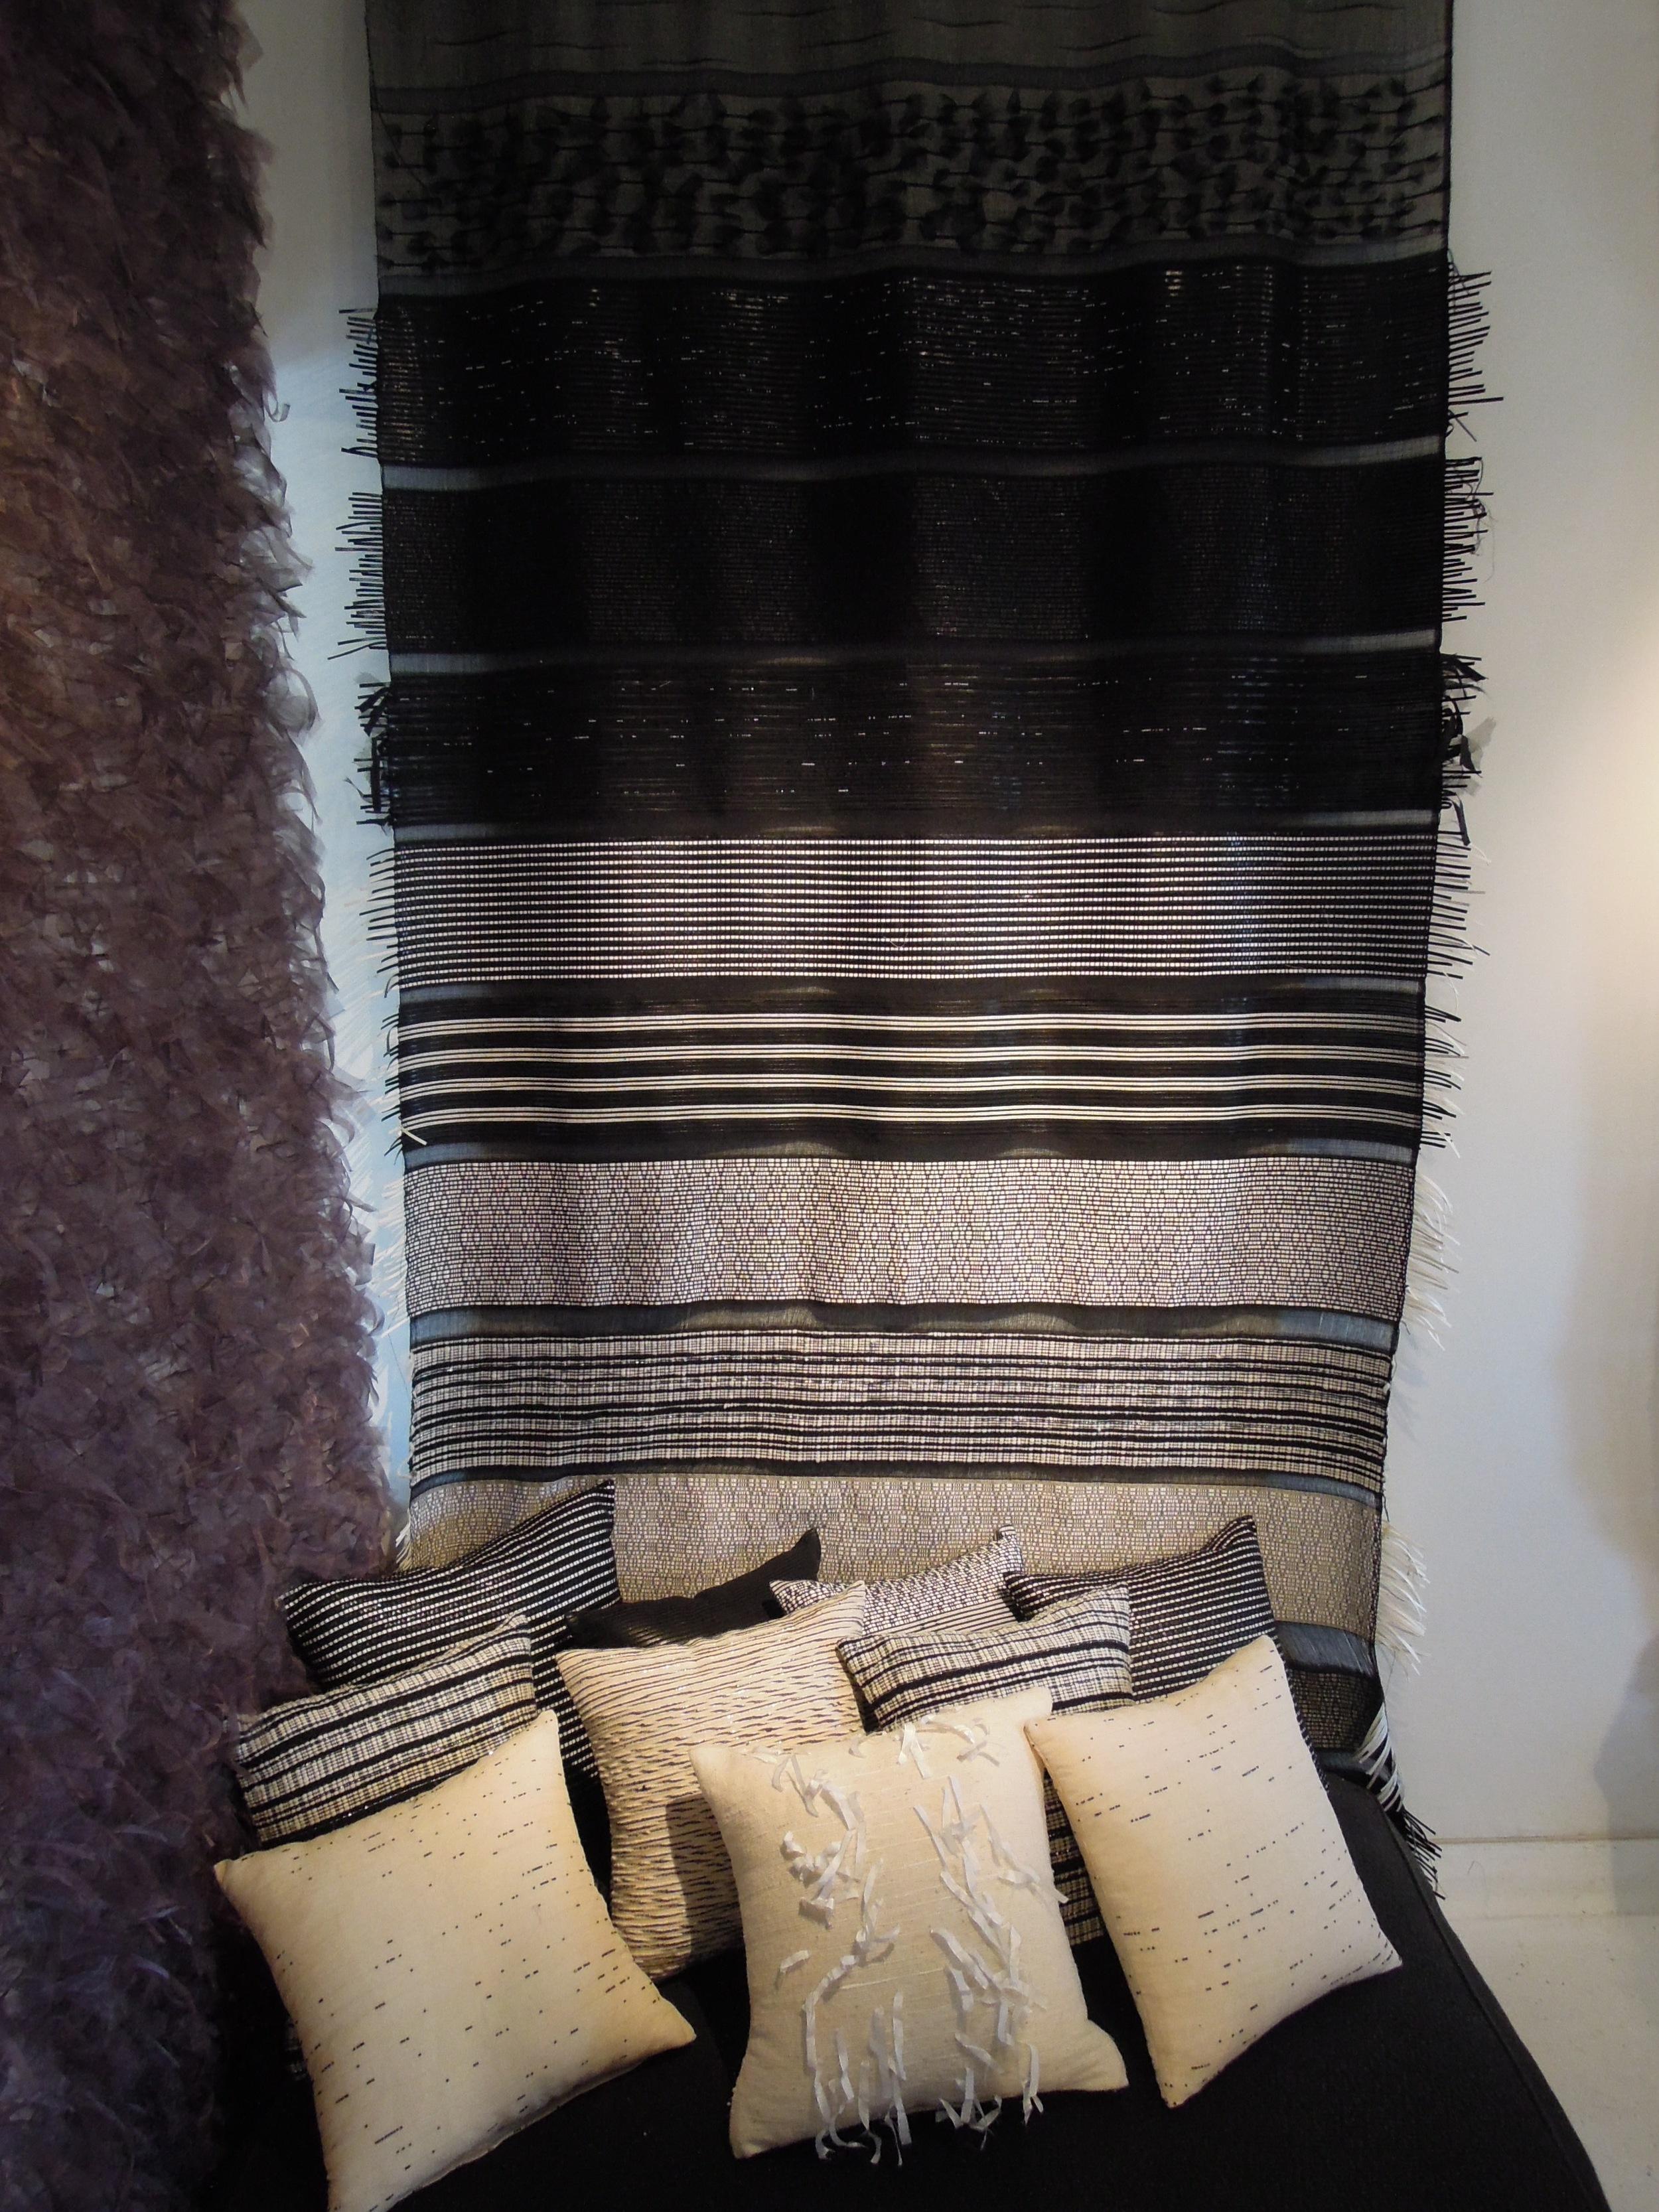 Tenture Black _ white Sample Blanket.JPG